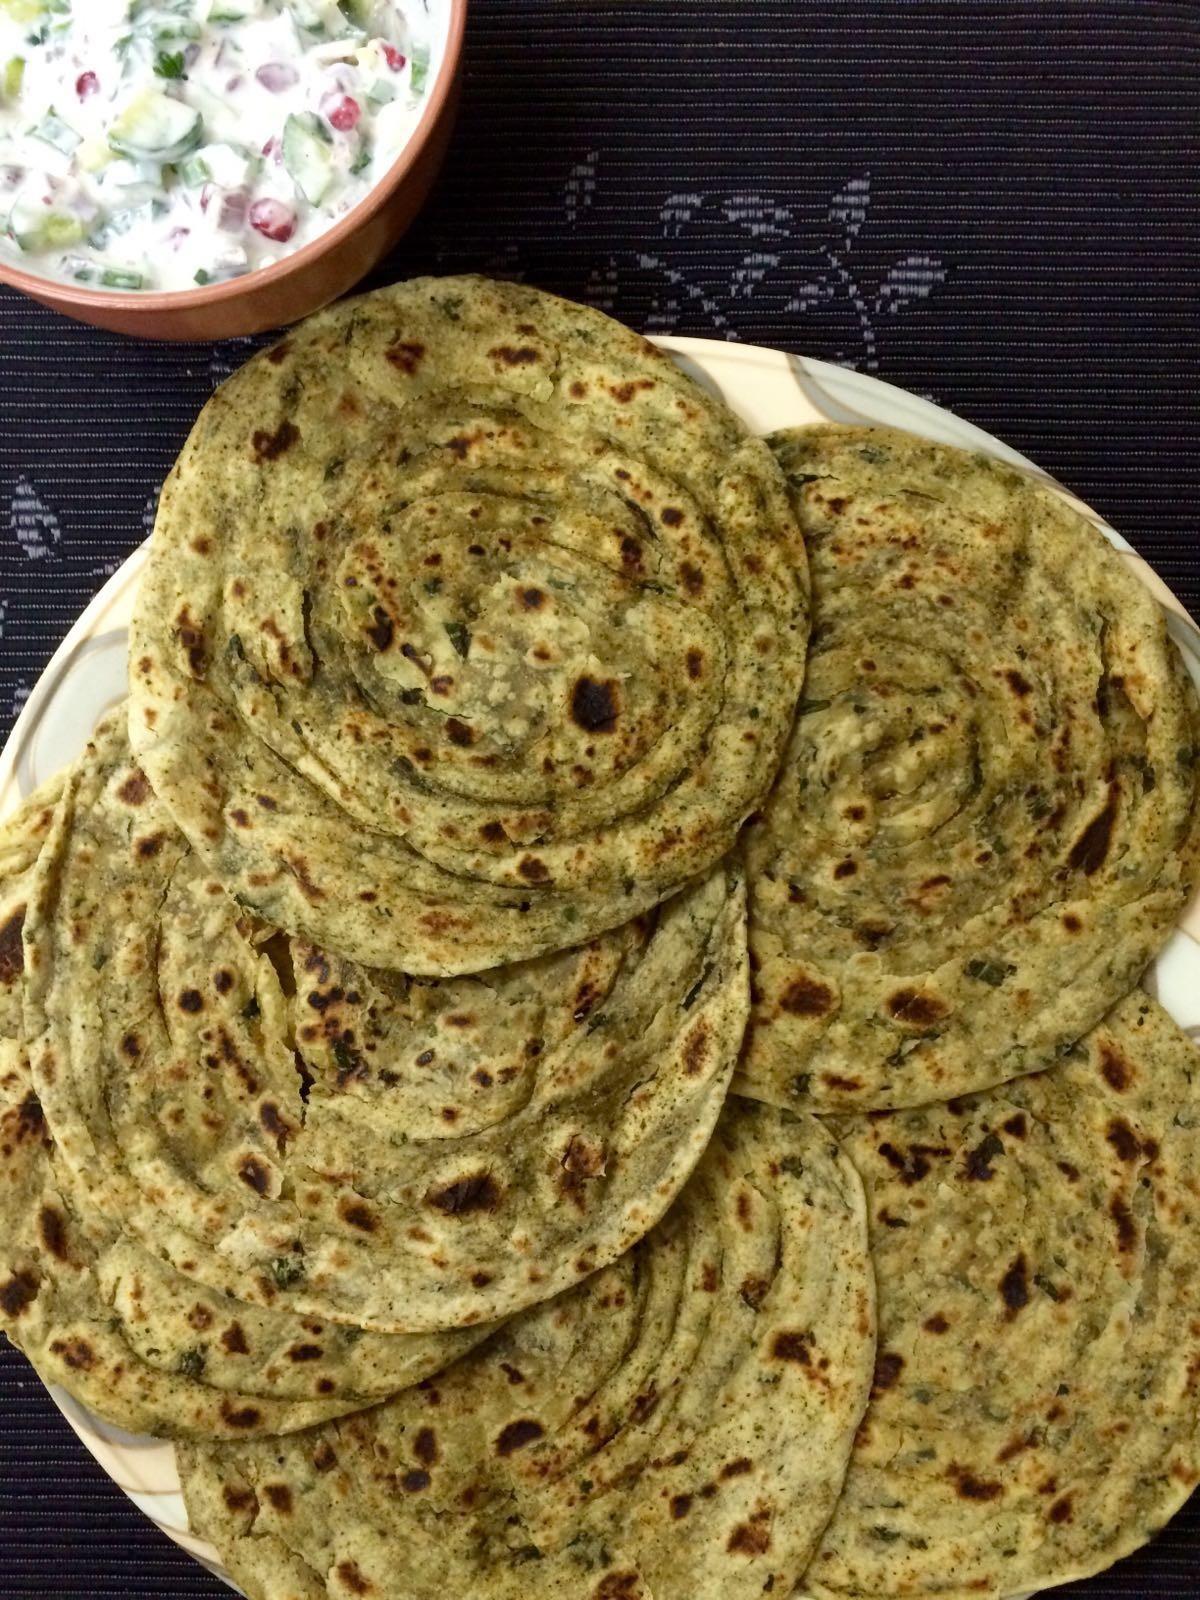 Methi Lachha Paratha | Fenugreek Spiced Layered Flat-bread